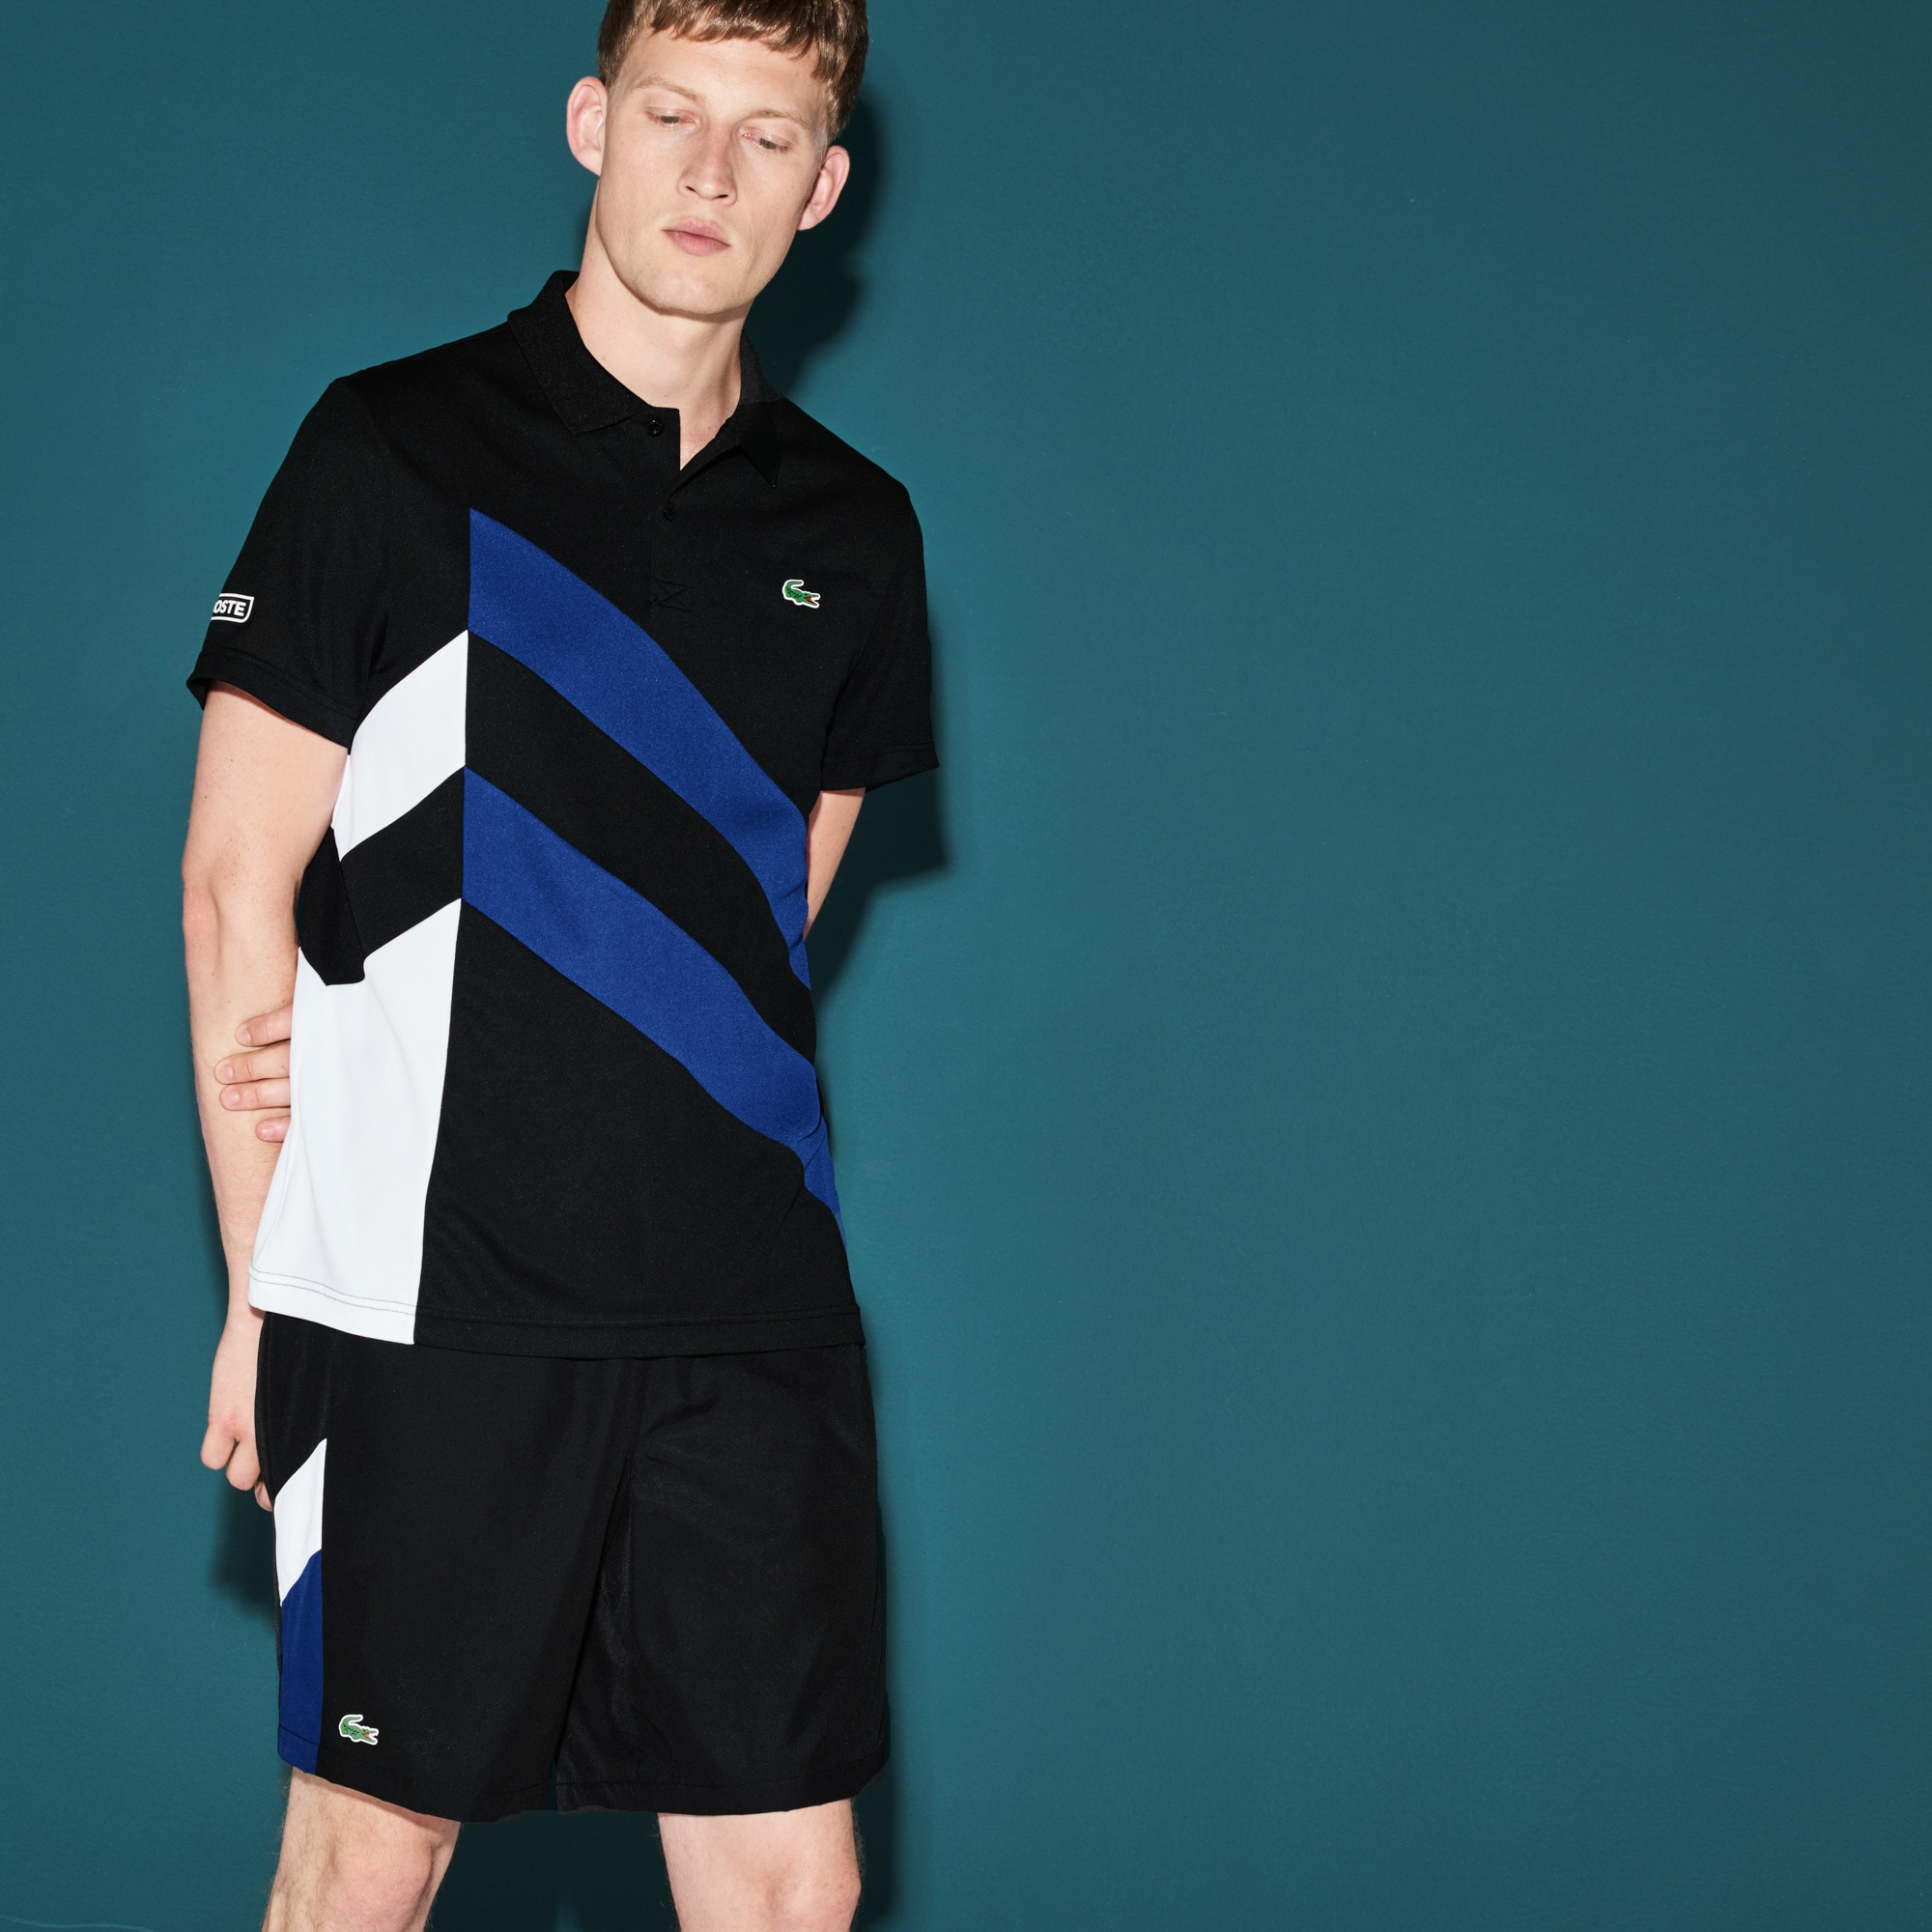 Men's  SPORT Tennis Colorblock Band Tech Piqué Polo